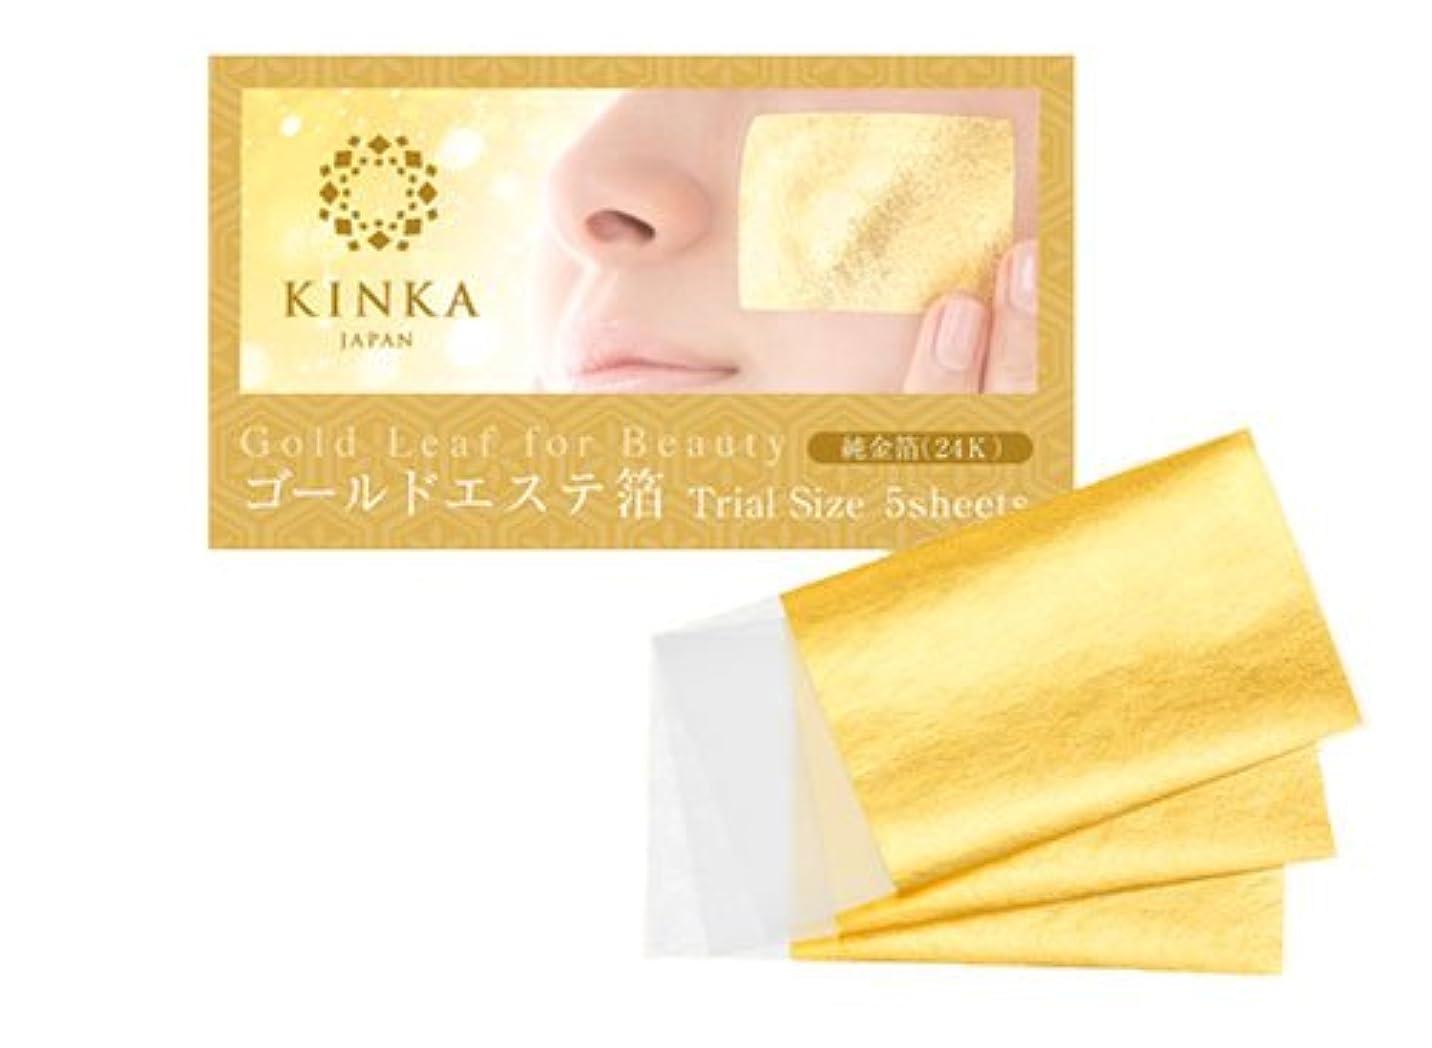 興奮する韓国ゴネリル箔一 金華ゴールドエステ箔24K 1/6サイズ 5枚入り C152-026